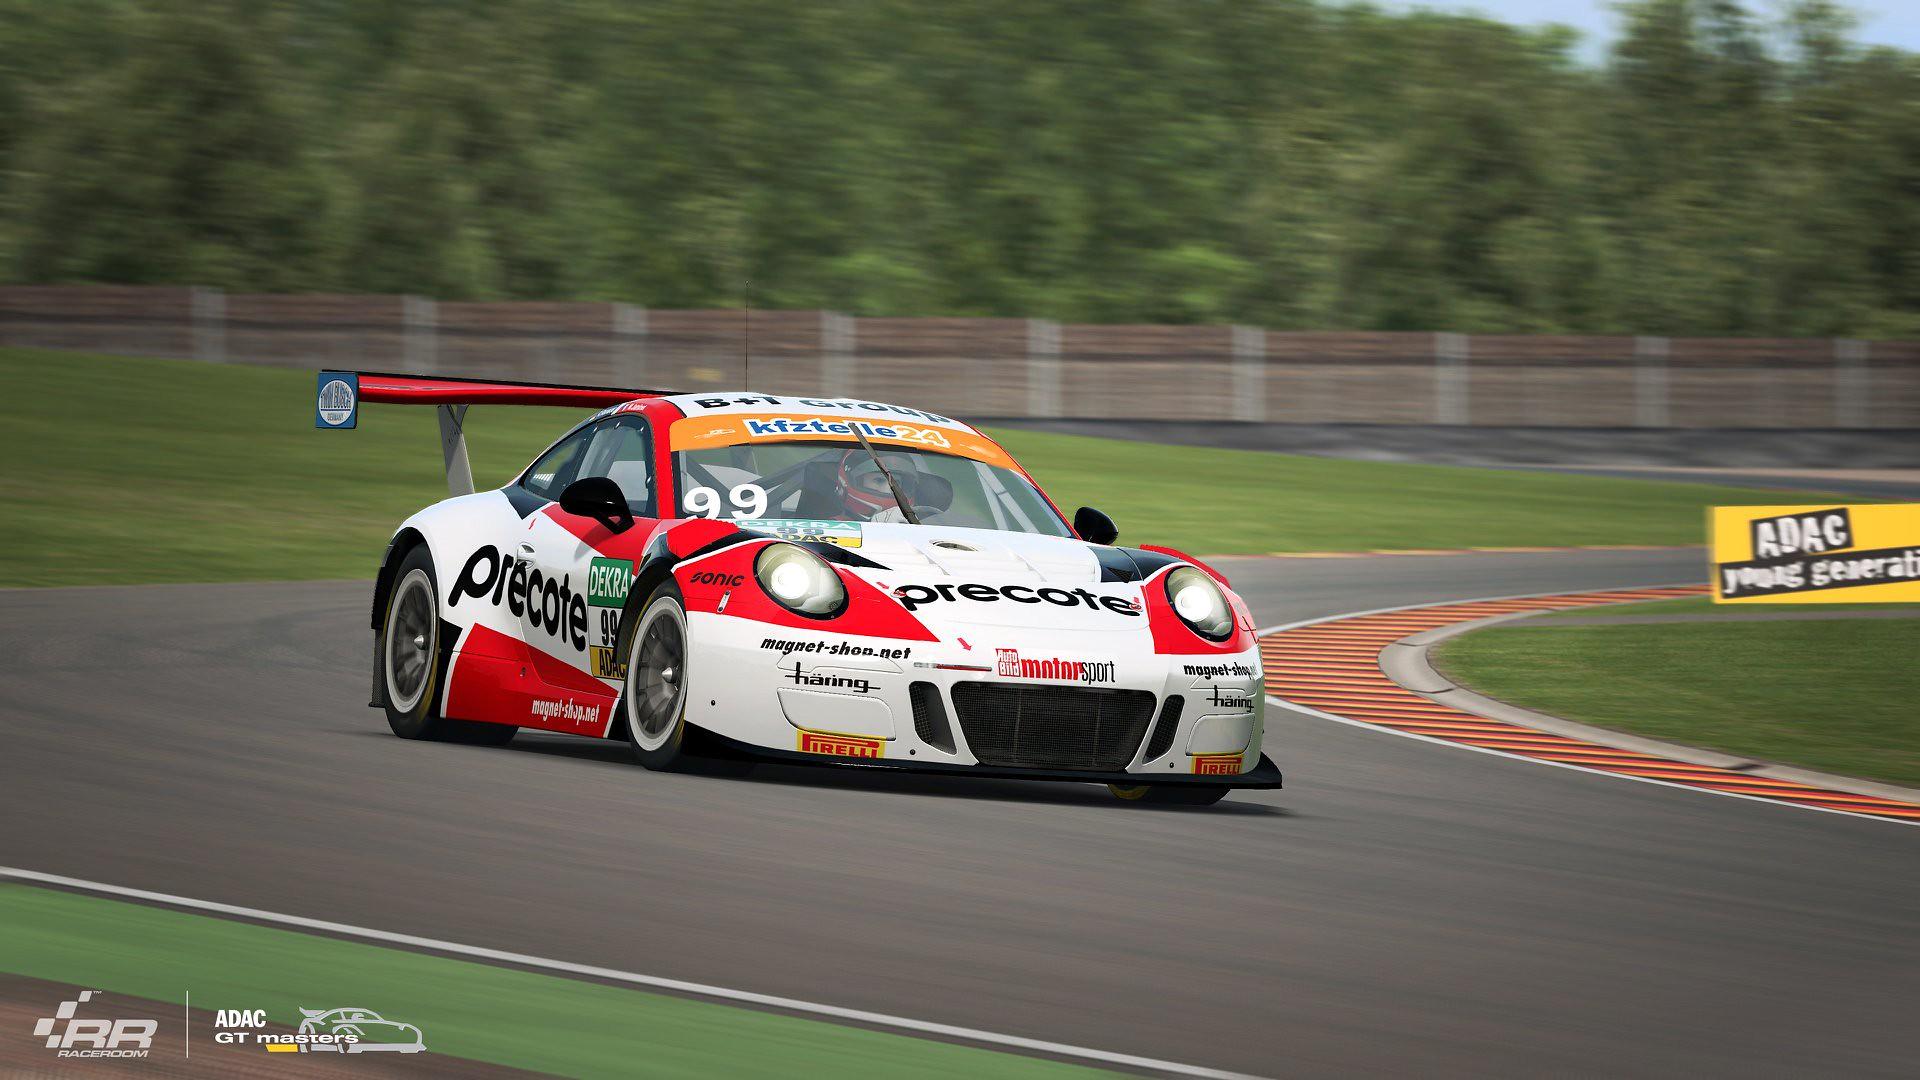 RaceRoom ADAC GT Masters 2018 Porsche 5